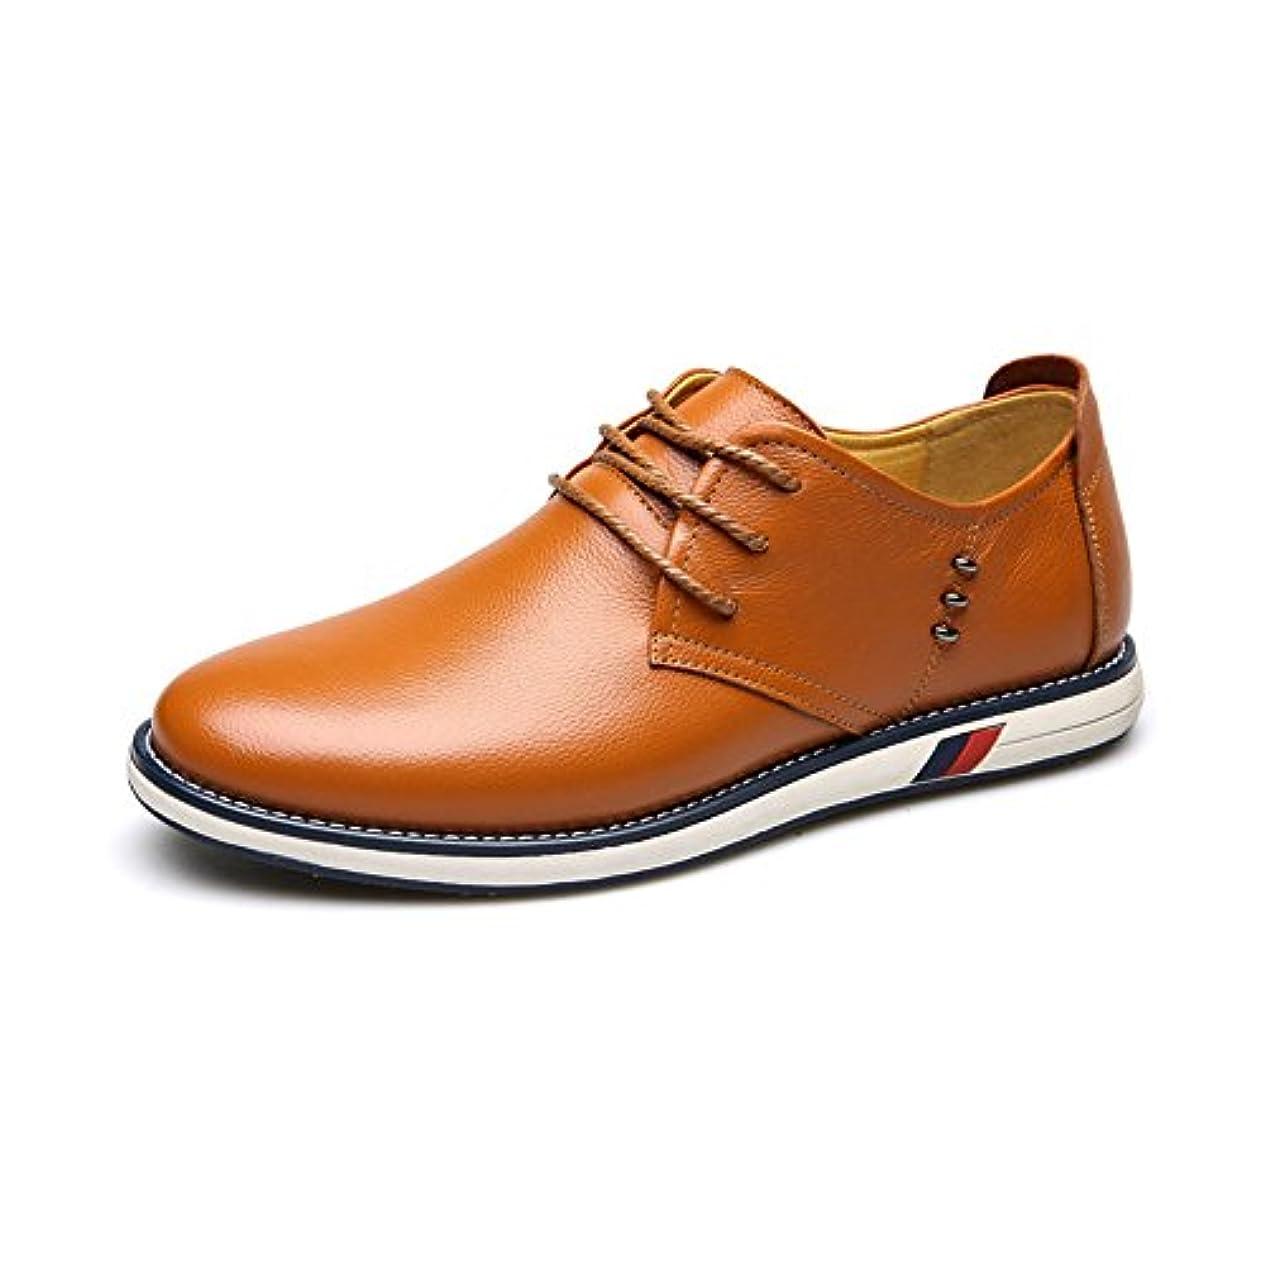 政治家のパフ独立してCHENGFA カジュアルシューズ メンズ ビジネスシューズ 本革 ローファー 紳士靴 革靴 レースアップ ウォーキング 通気性